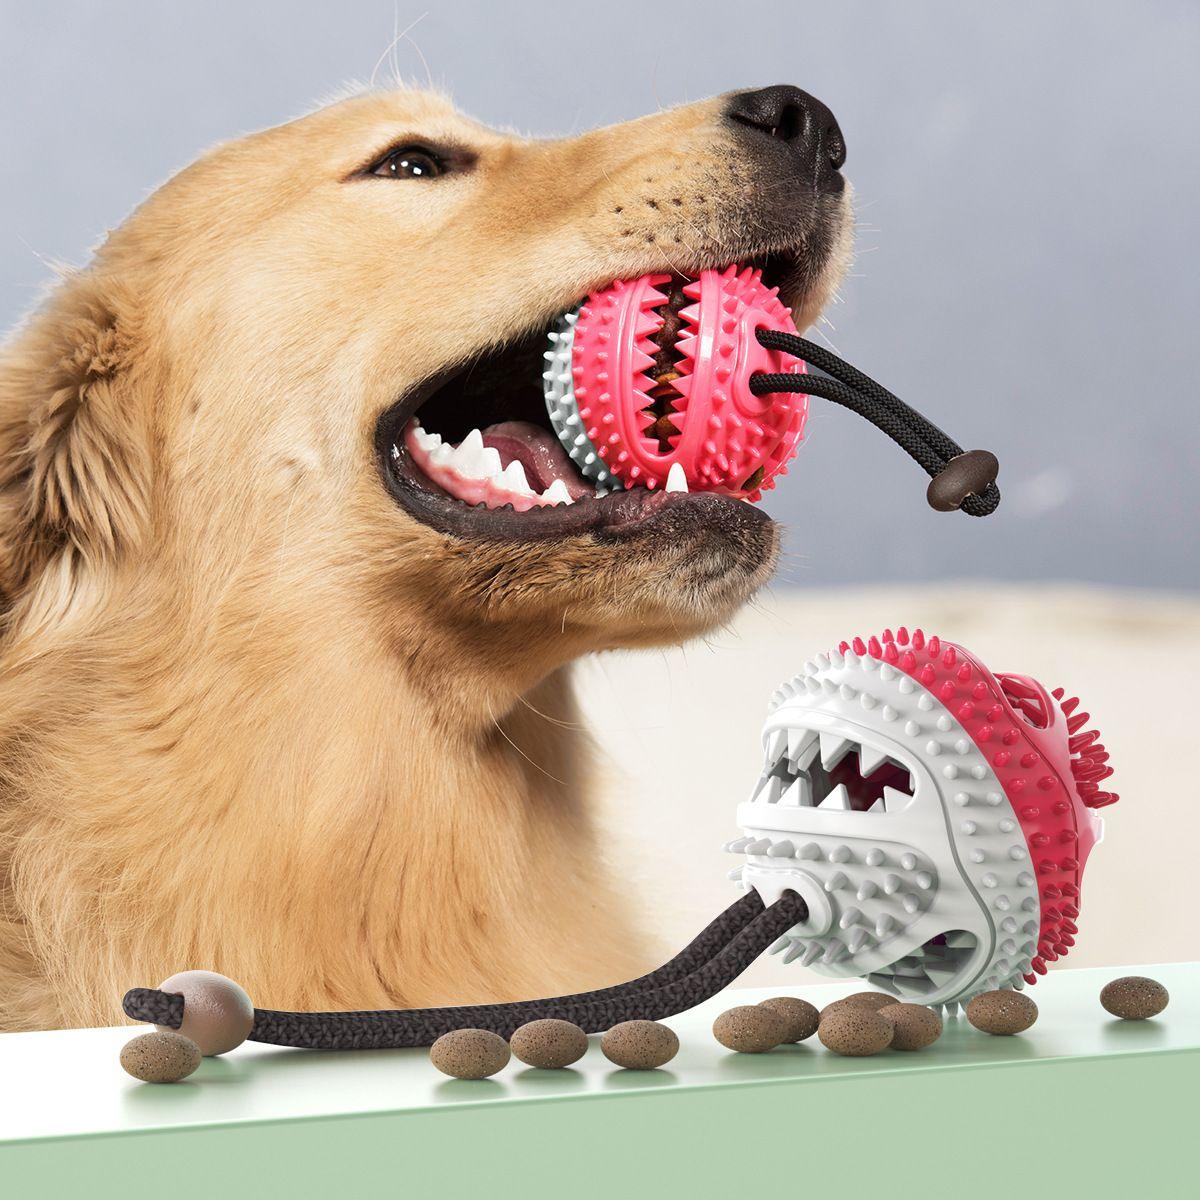 الكلب مولار لعبة الحيوانات الأليفة فرشاة الأسنان مضغ لعبة الحيوانات الأليفة الكلب الغذاء التركيب تنظيف الأسنان مضغ لعبة جرو لدغة لعب الحيوانات الأليفة التدريب الكرة